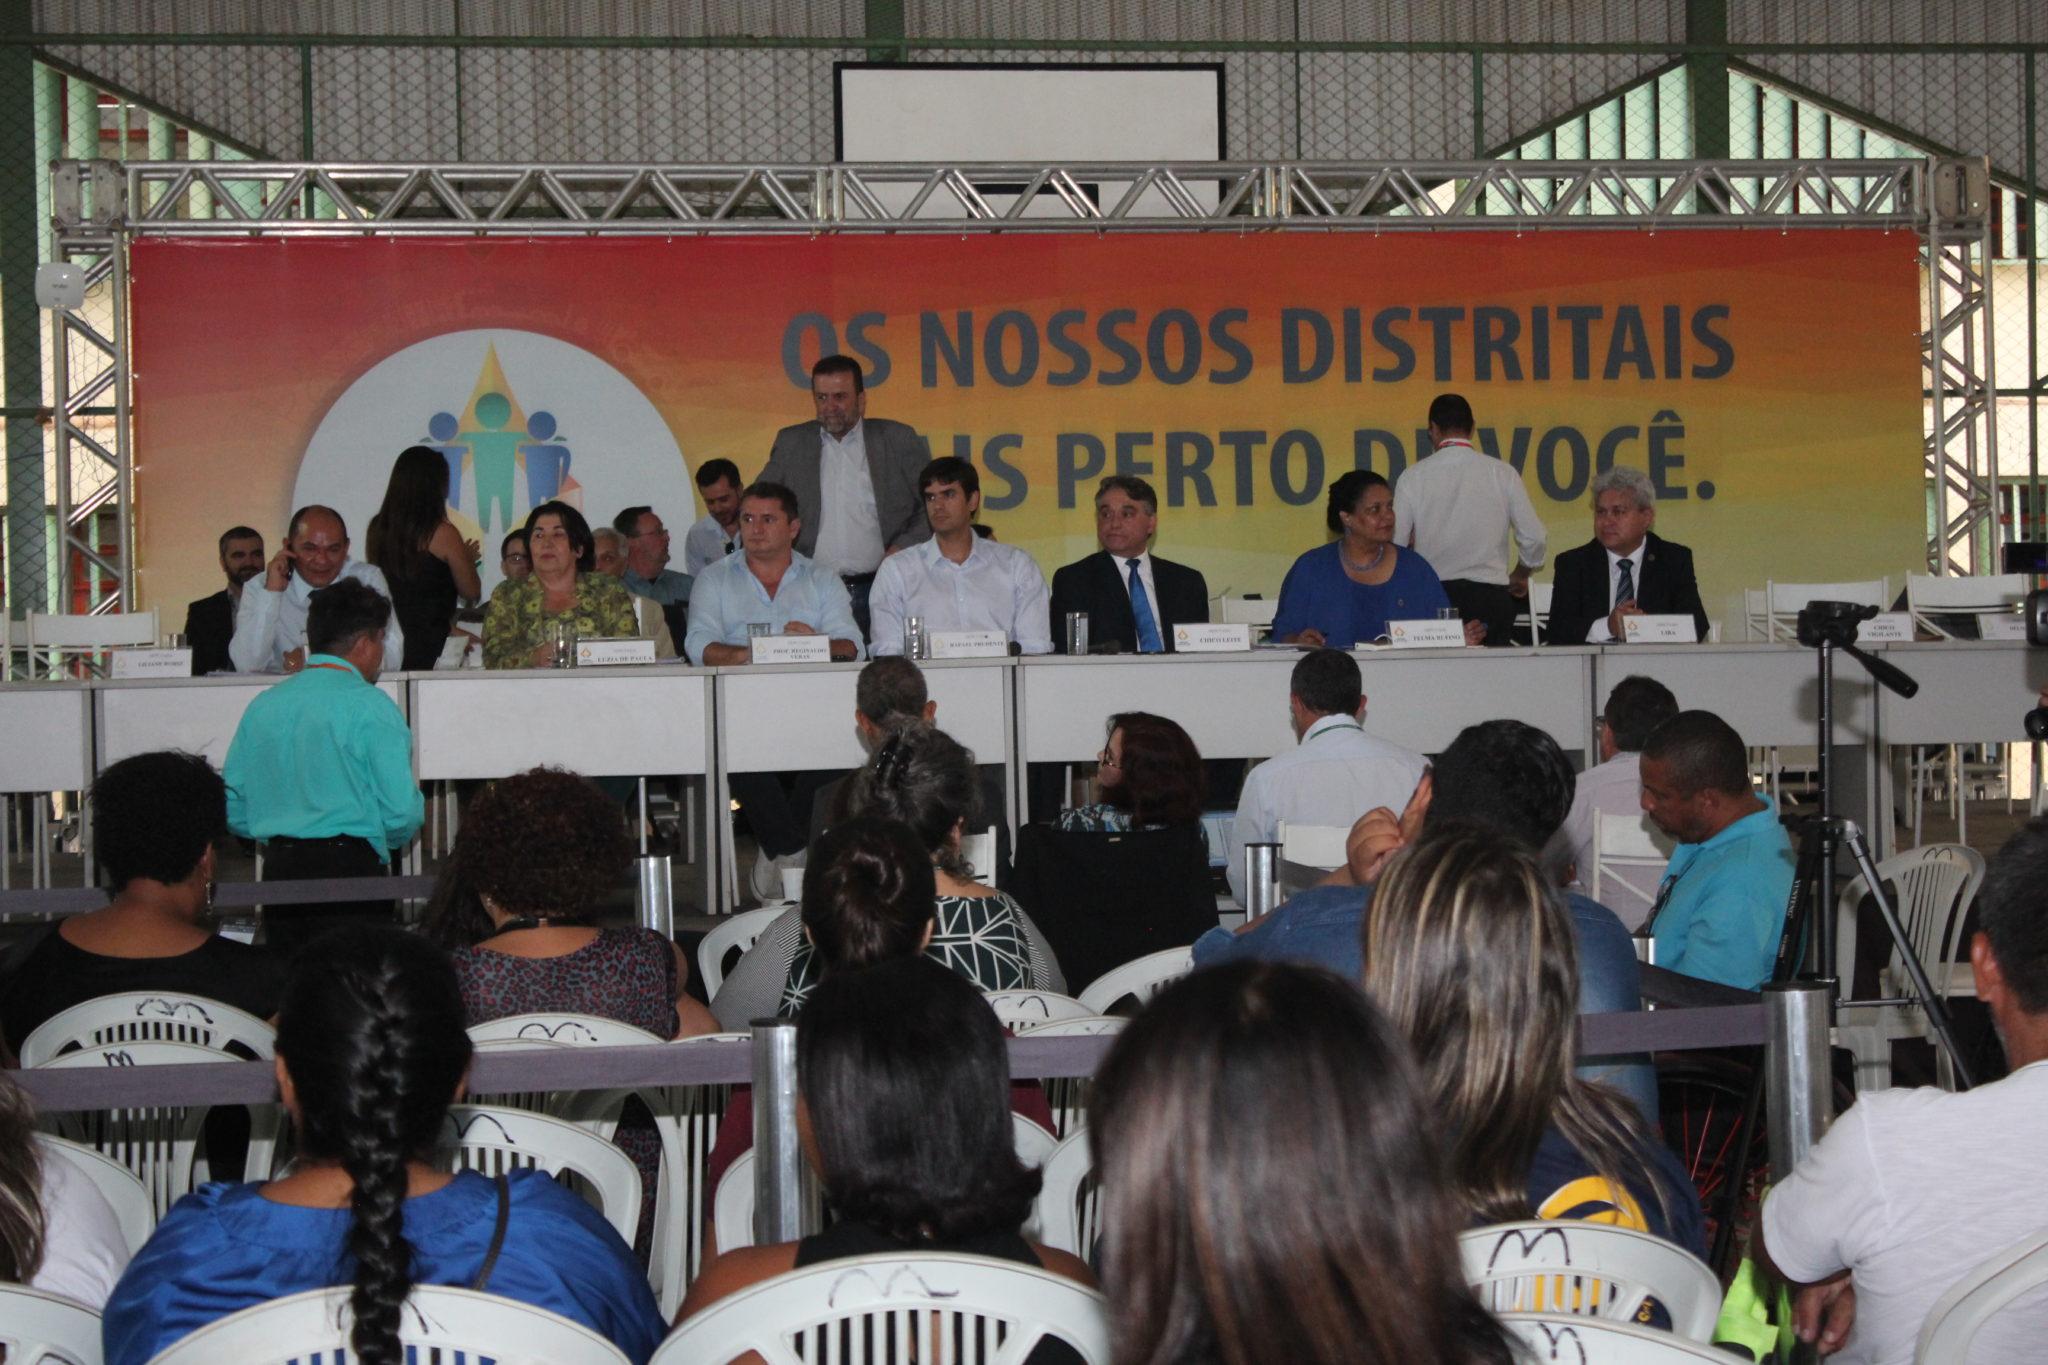 Foto: Ísis Dantas